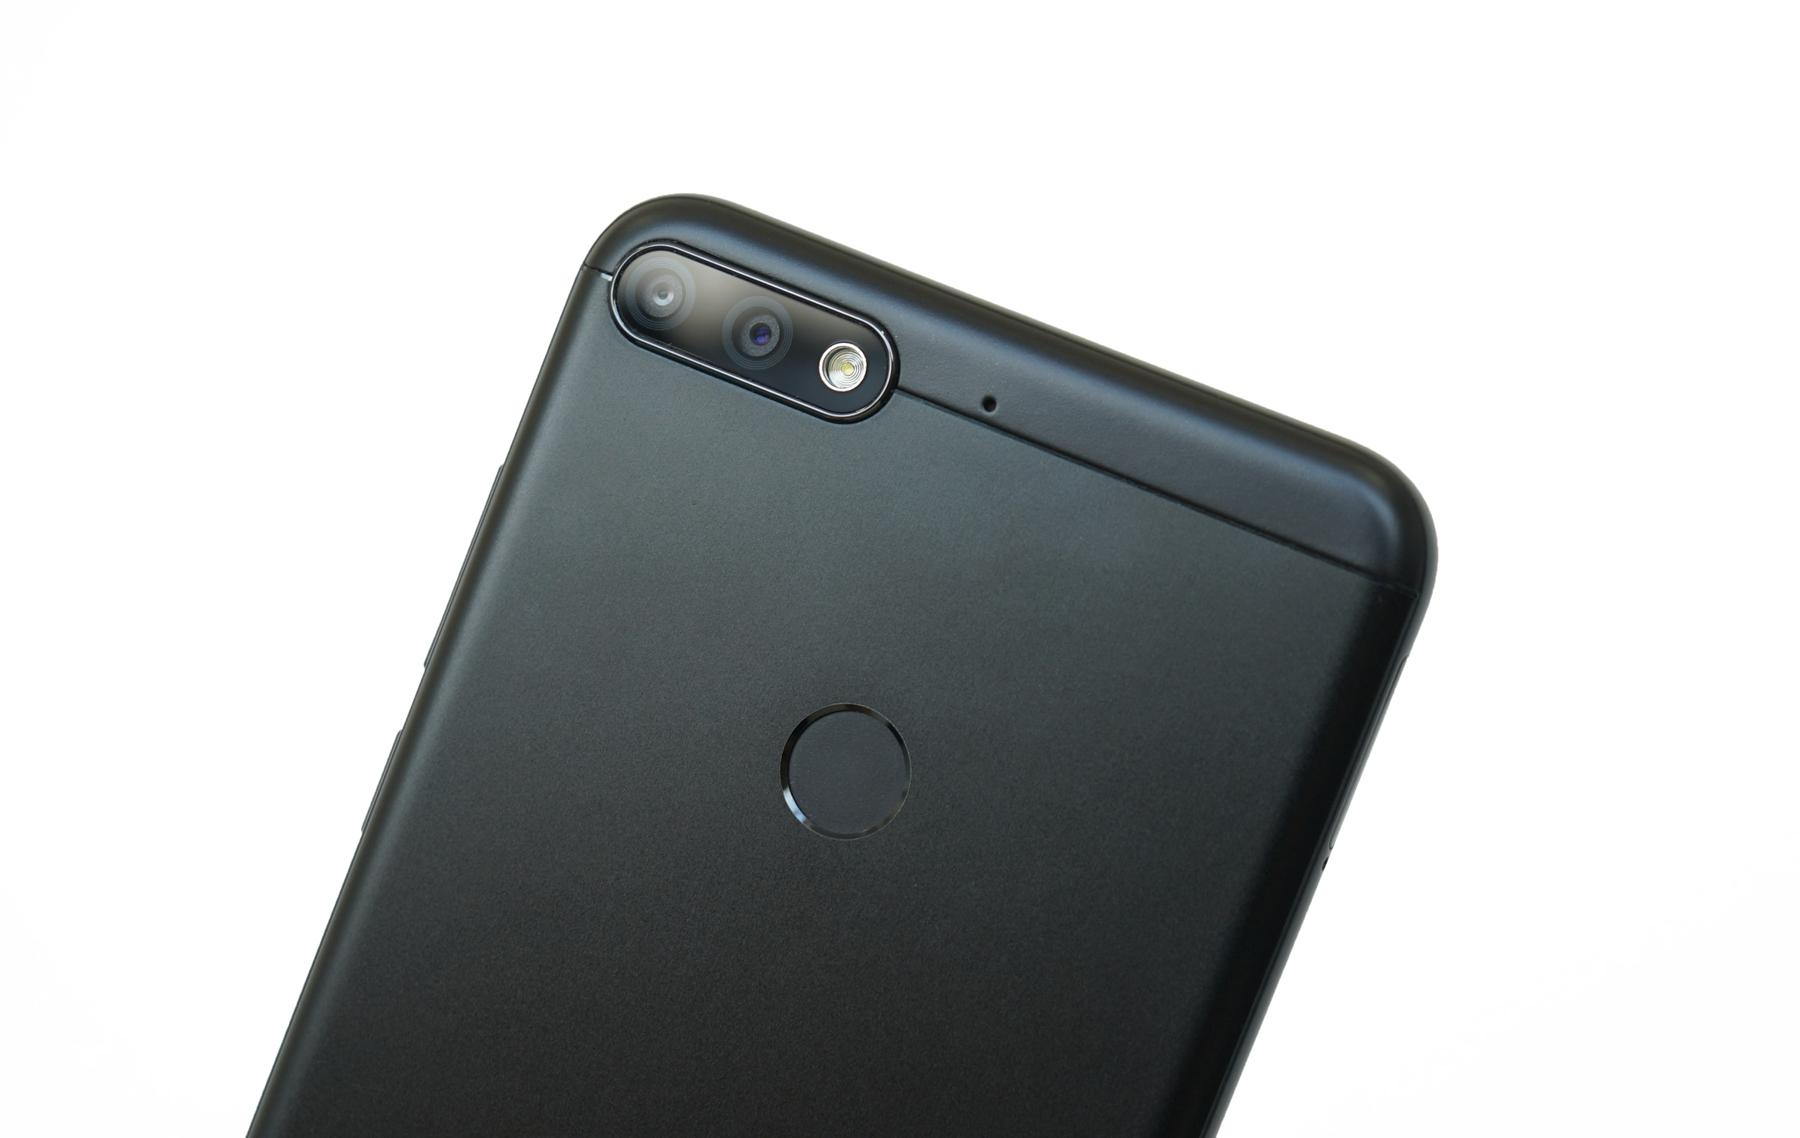 899元人脸识别手机:荣耀畅玩7C评测